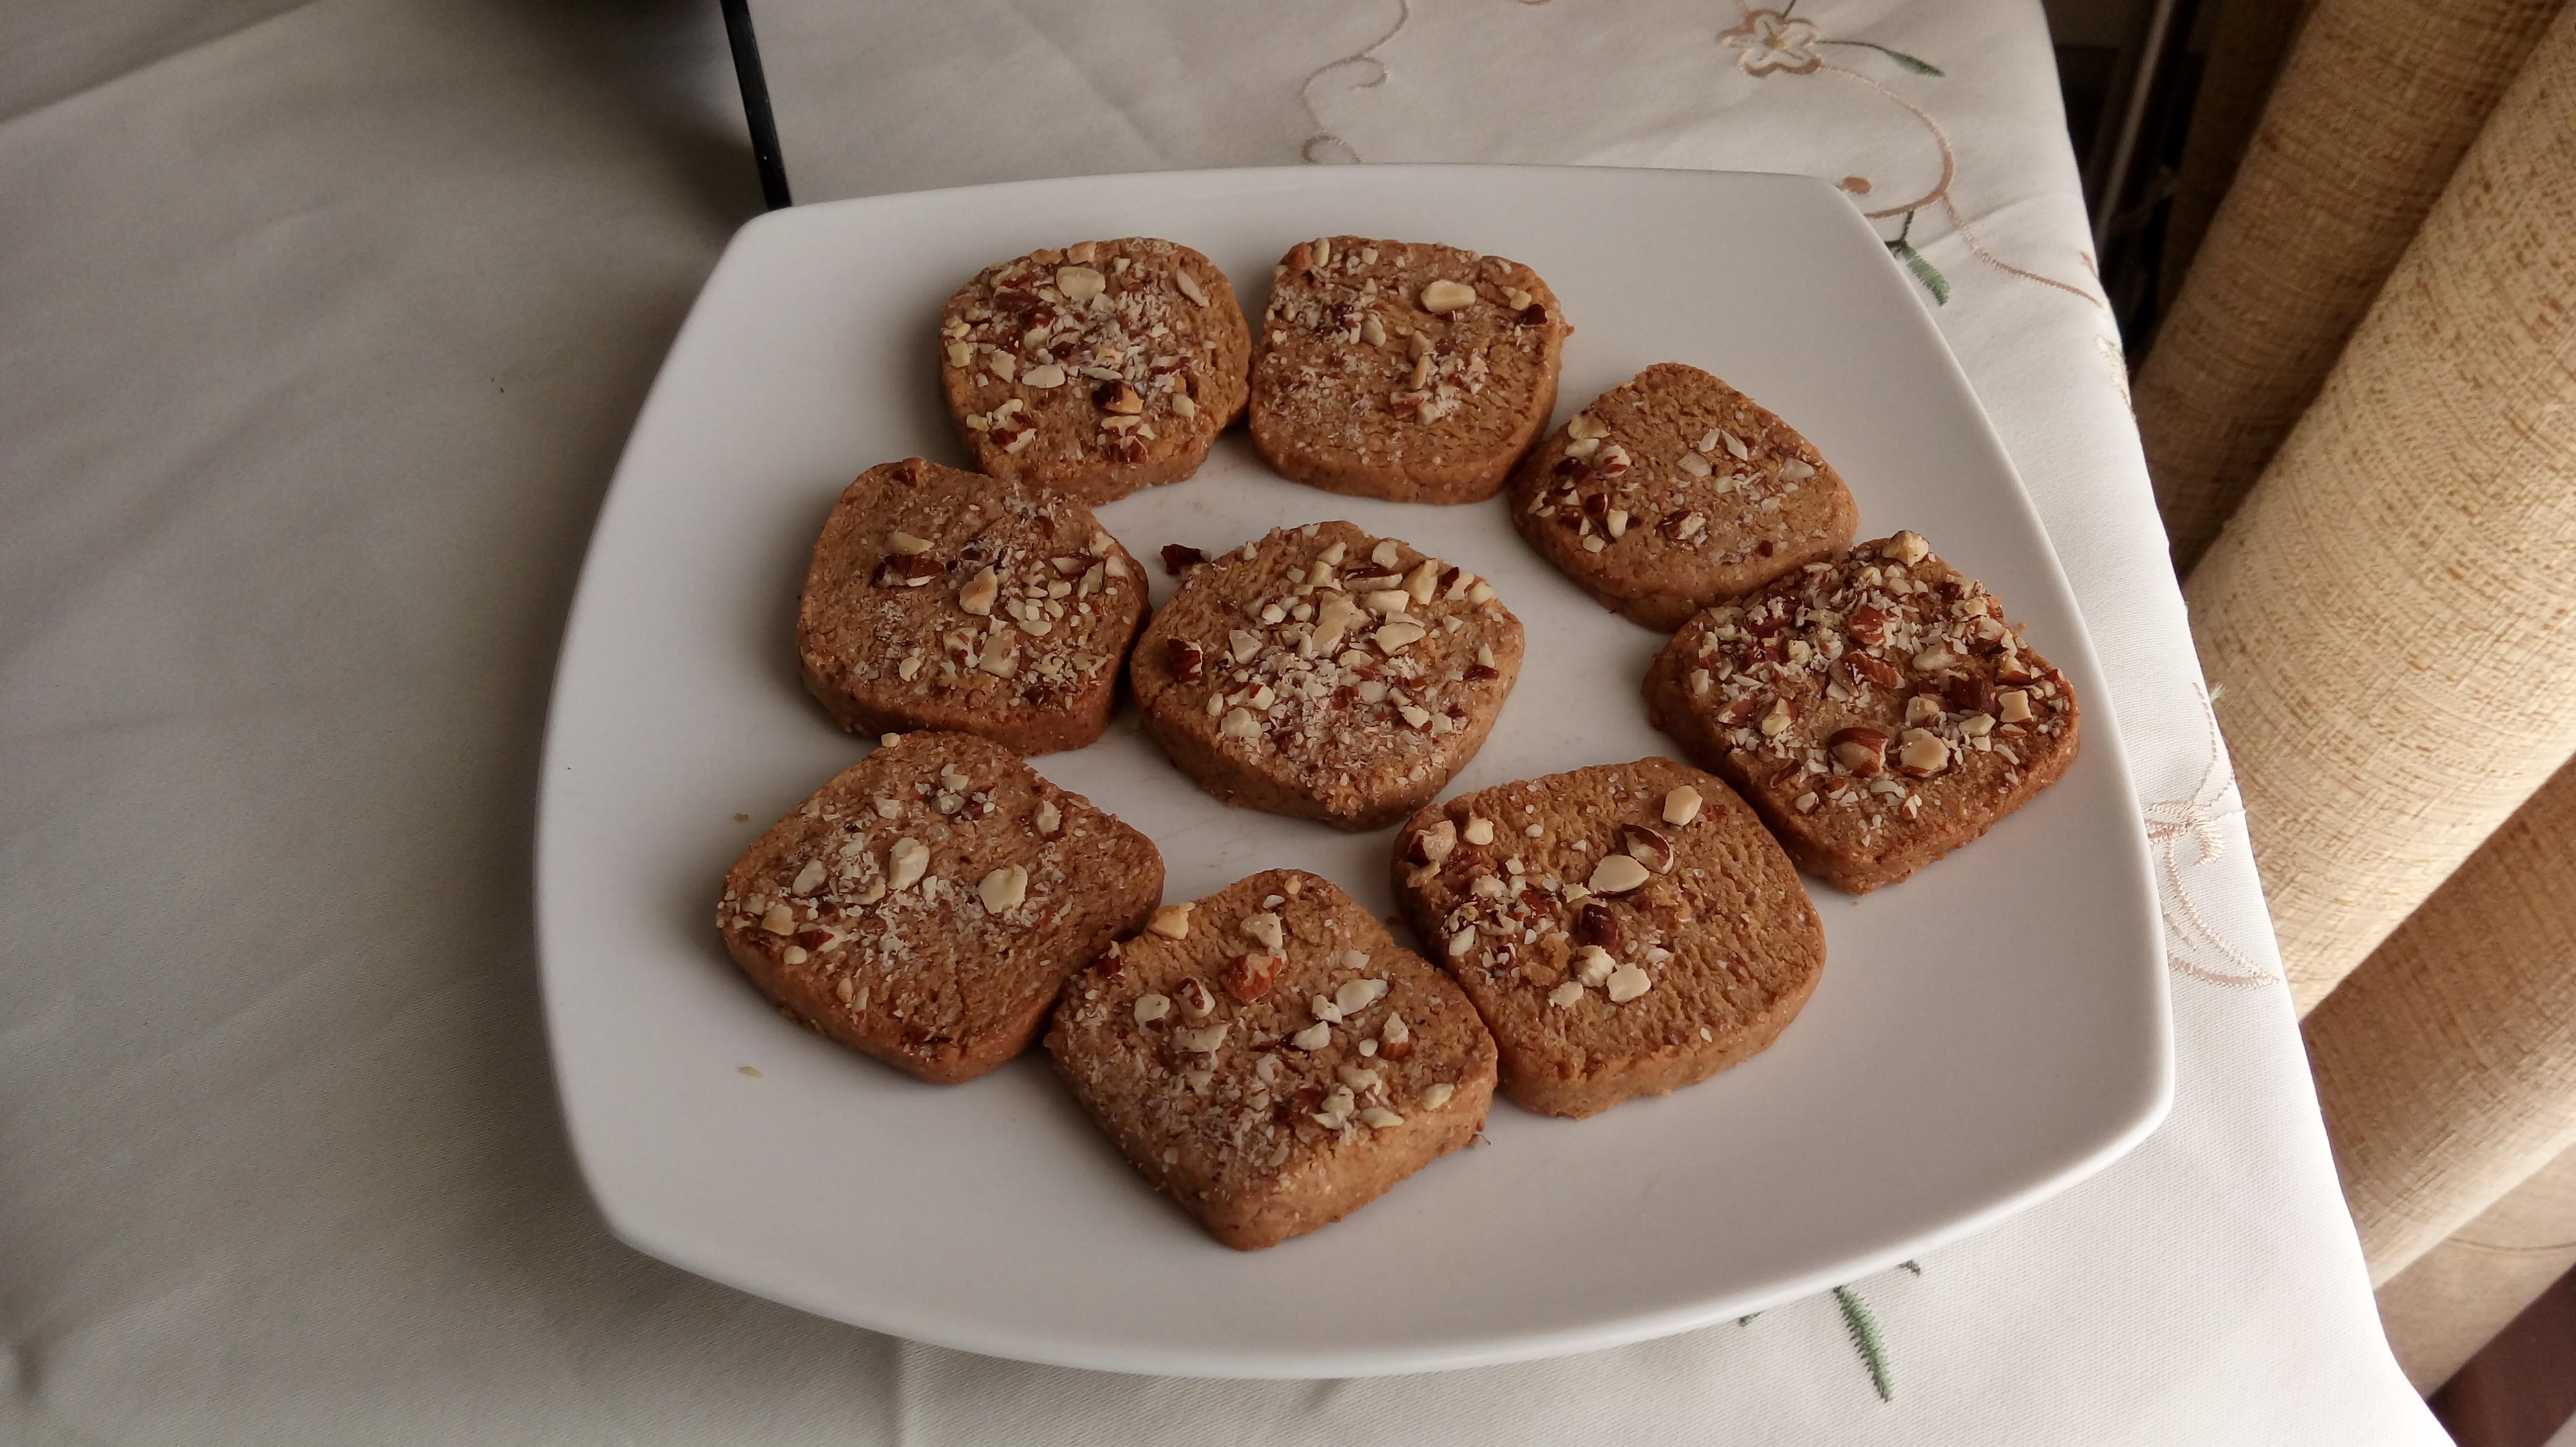 Oma Kiener's Hazelnut Christmas Cookies Tahere Moazez-Godoy